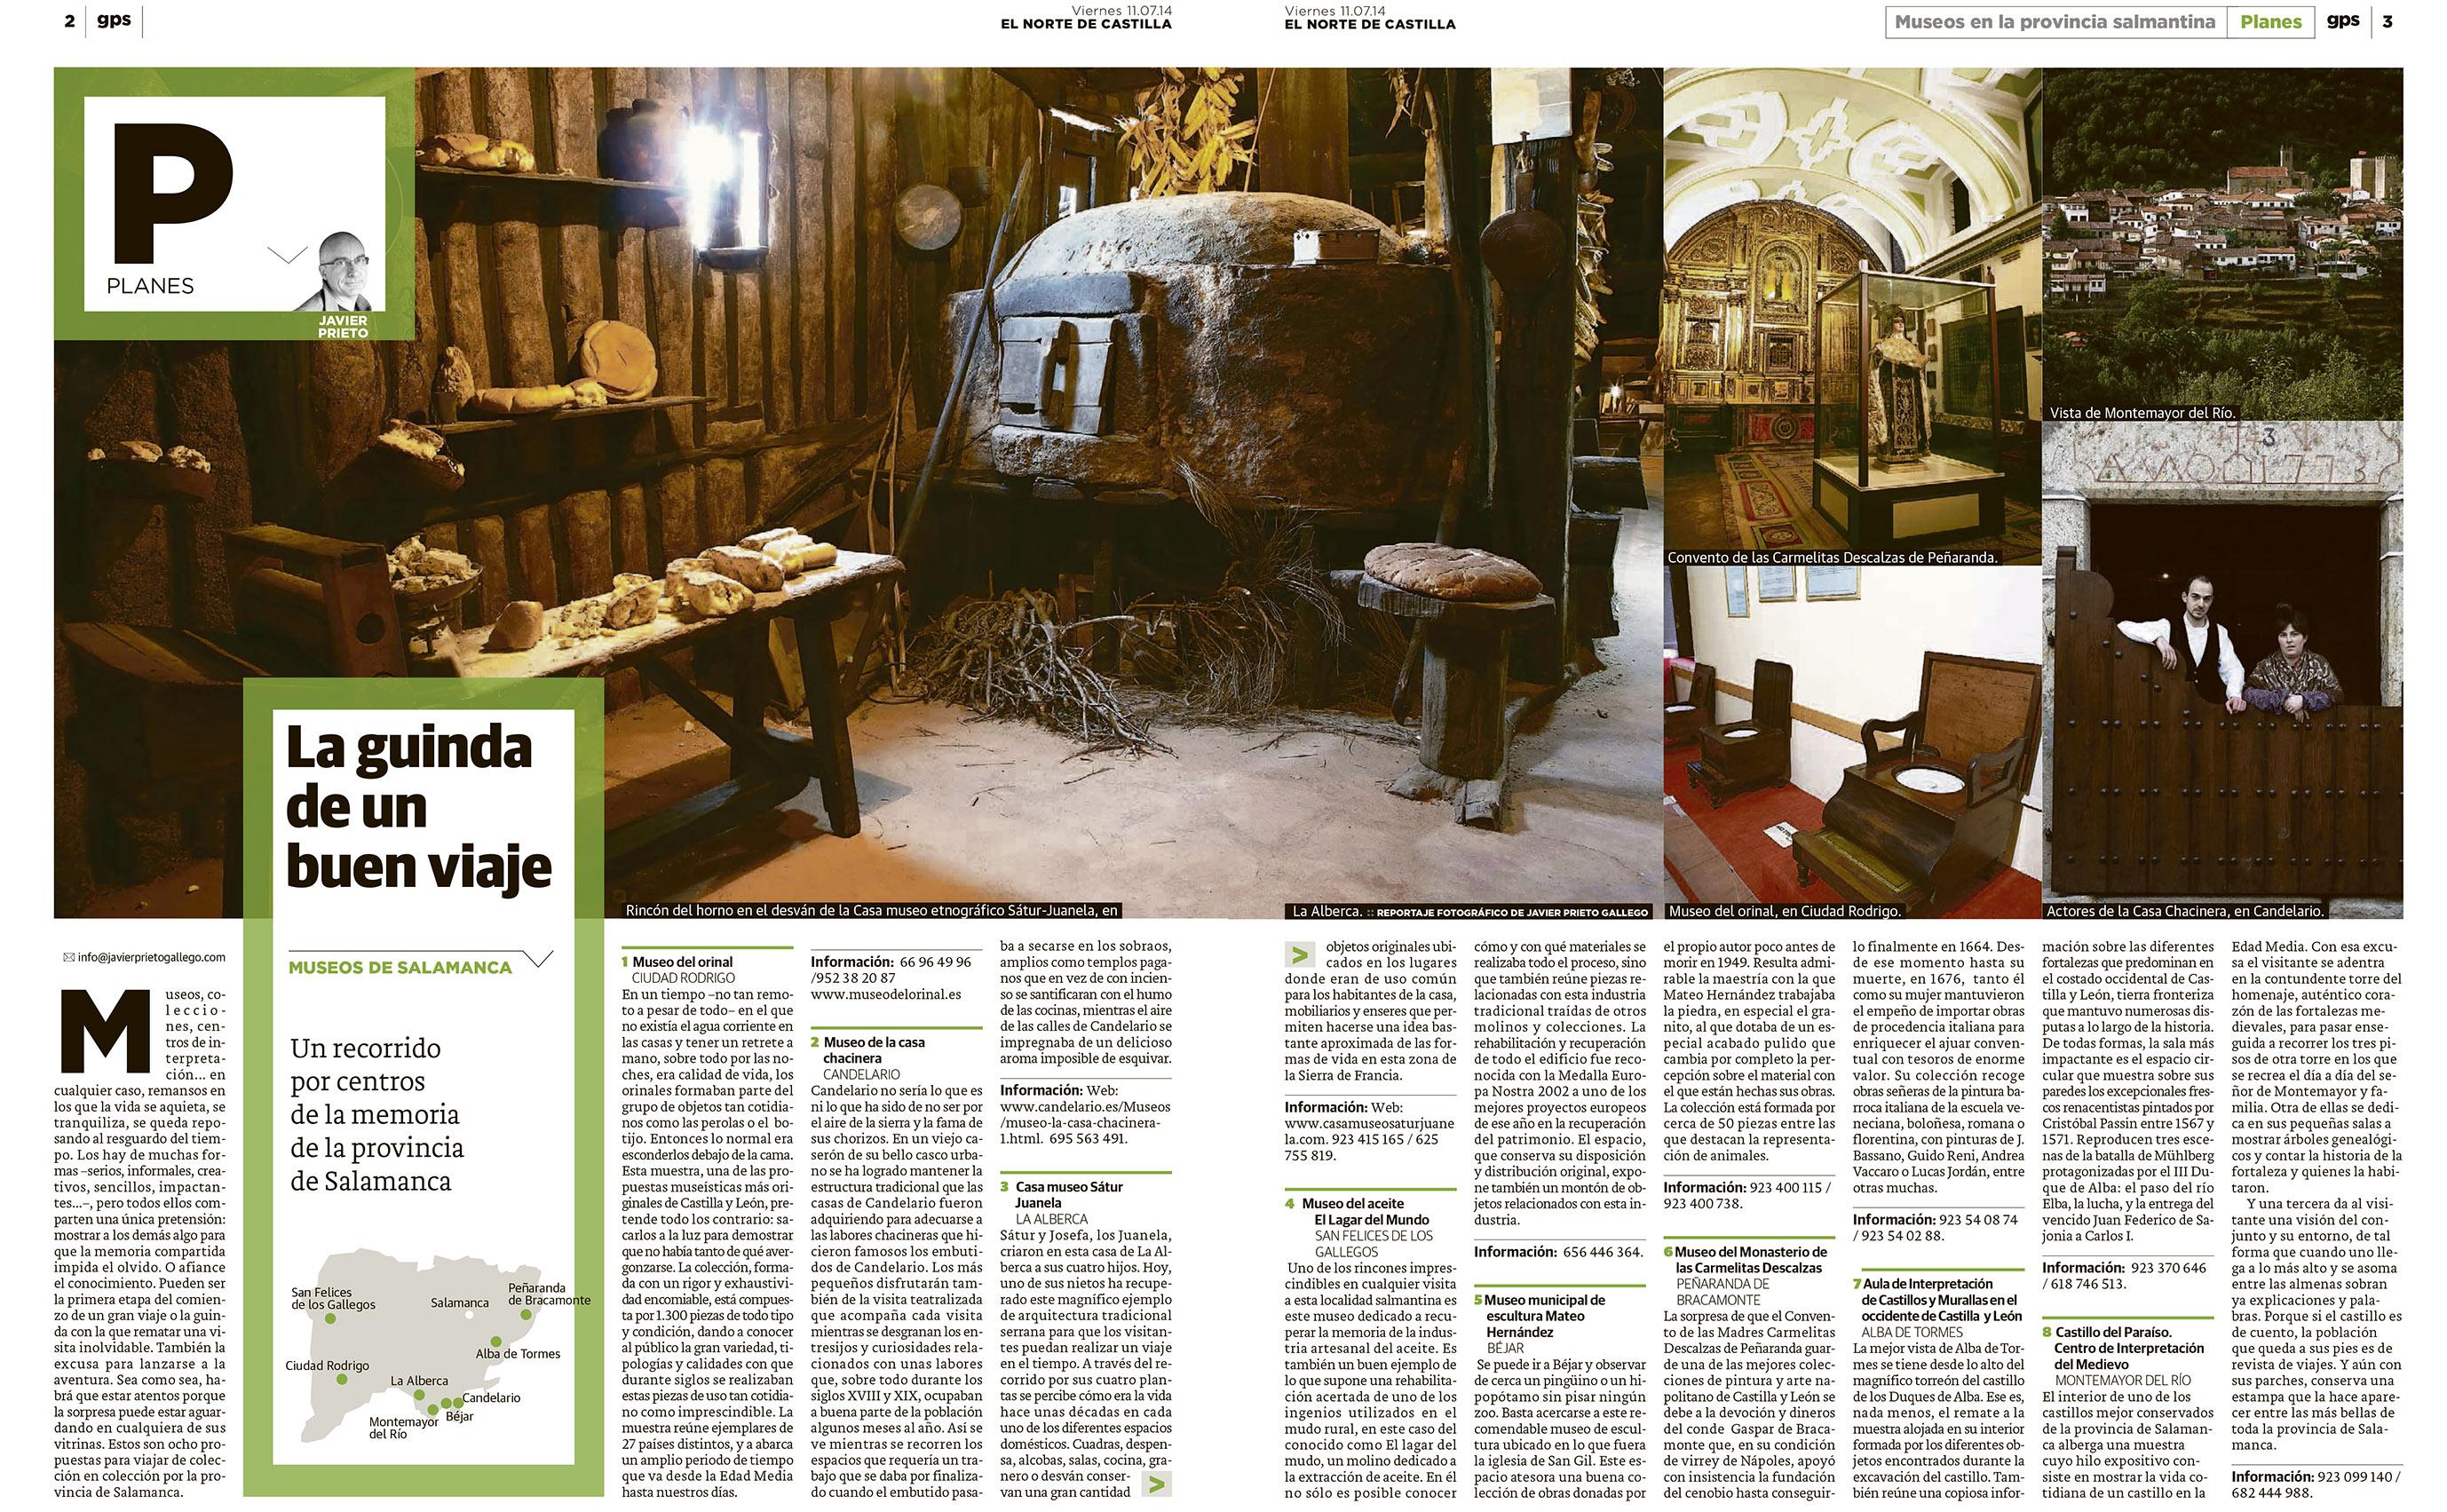 Reportaje sobre museos y colecciones en la provincia de Salamanca publicado por Javier Prieto Gallego en El Norte de Castilla.